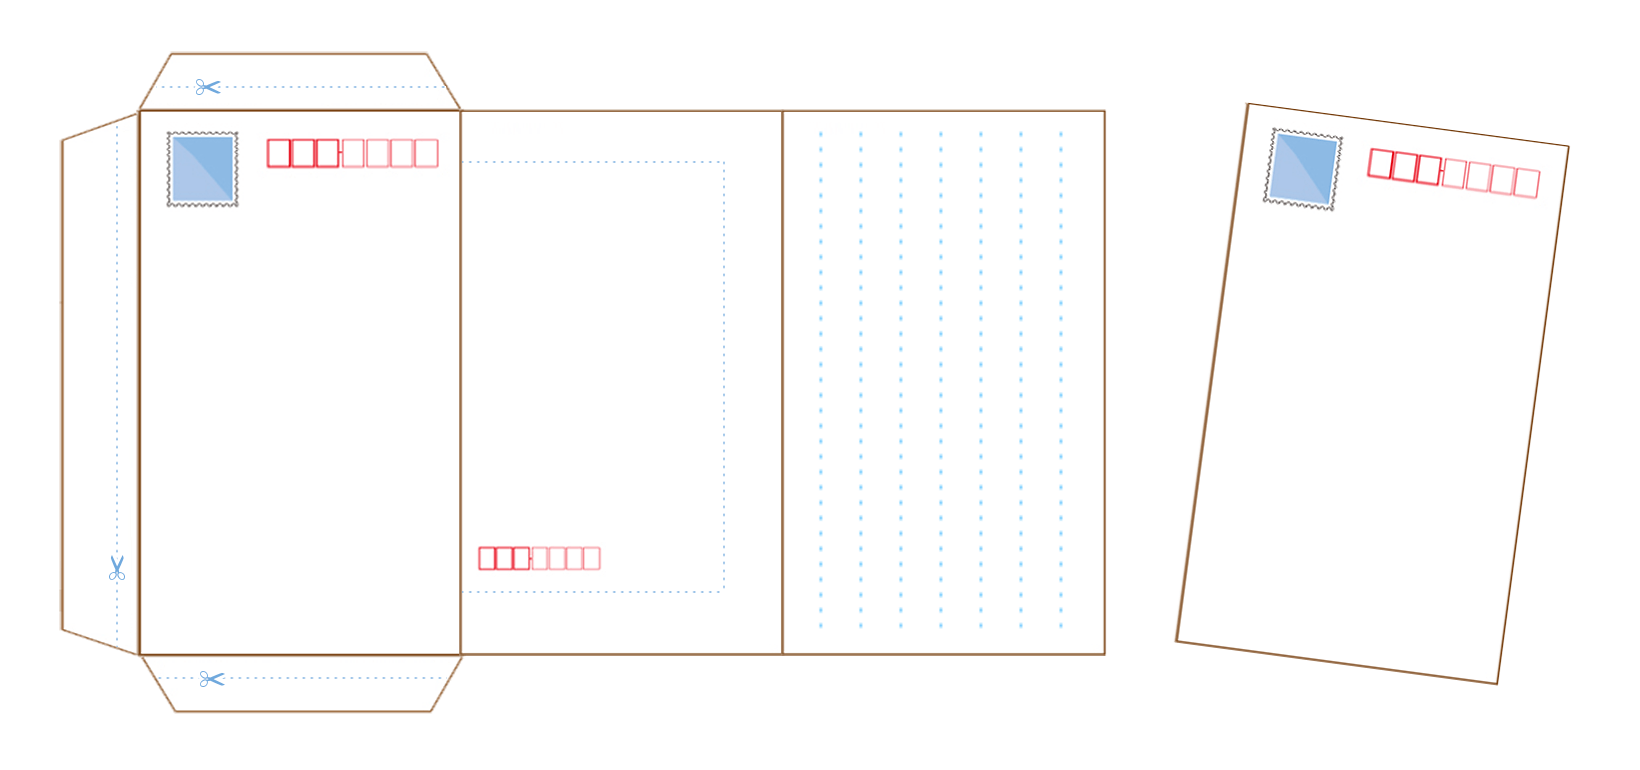 ミニレターとは、切手が印刷されている、封筒兼用の便せん